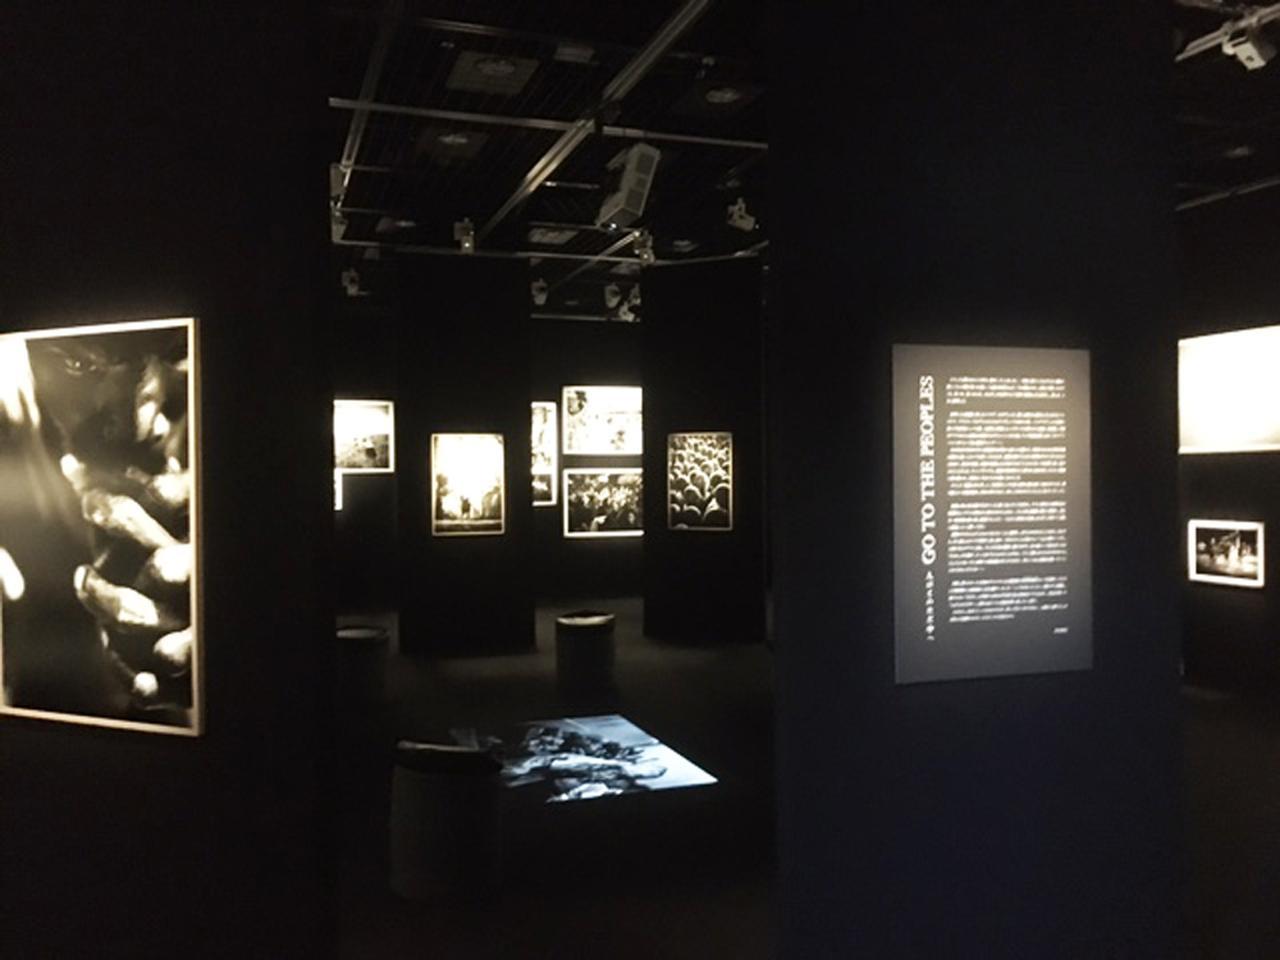 画像1: 渋谷敦志写真展『GO TO THE PEOPLES 人びとのただ中へ』。1999年から2019年にわたって渋谷氏が撮りためた作品群85点が展示されています。